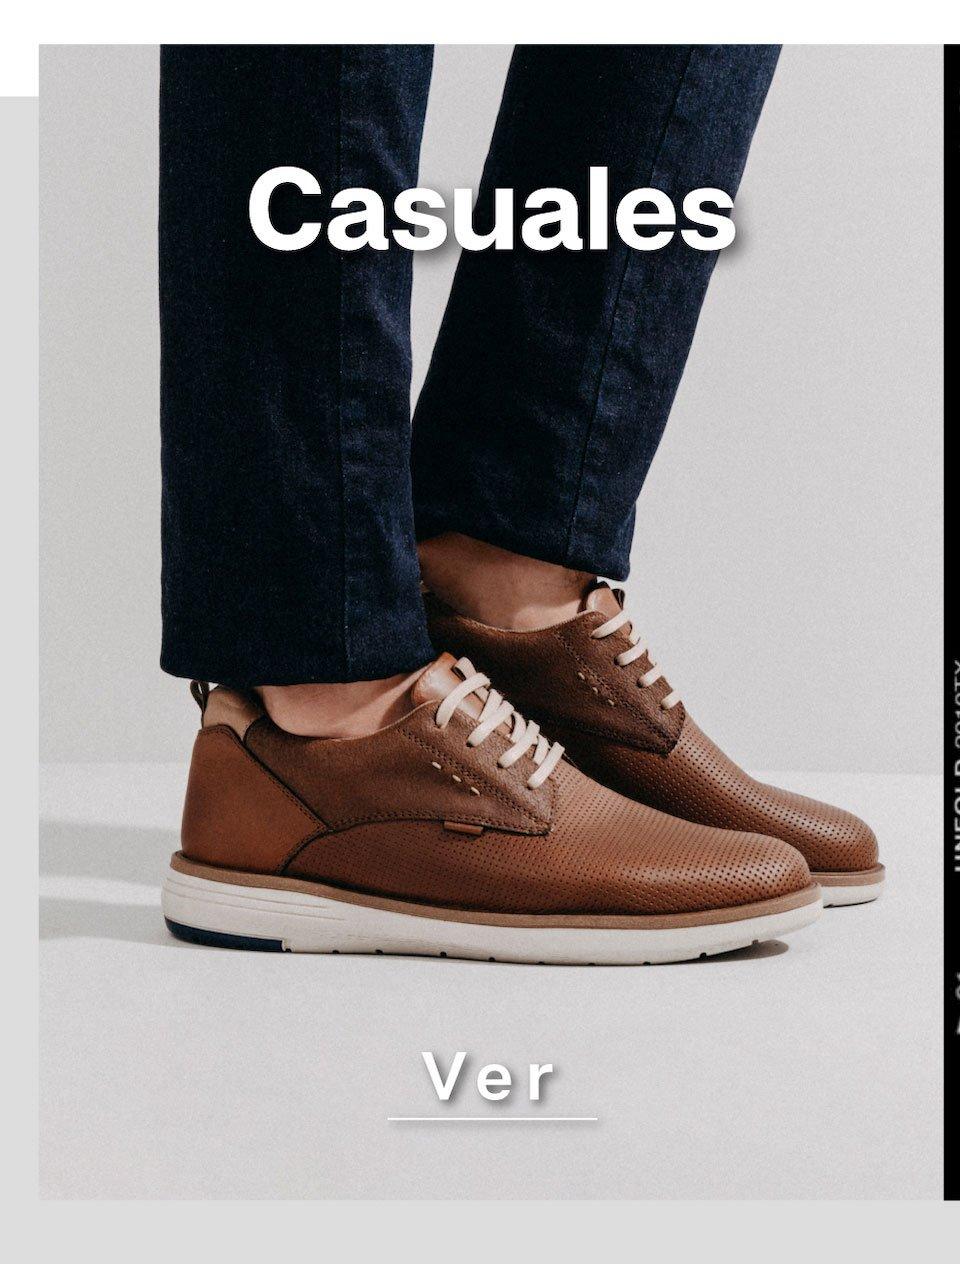 11-Casuales-ELLOS